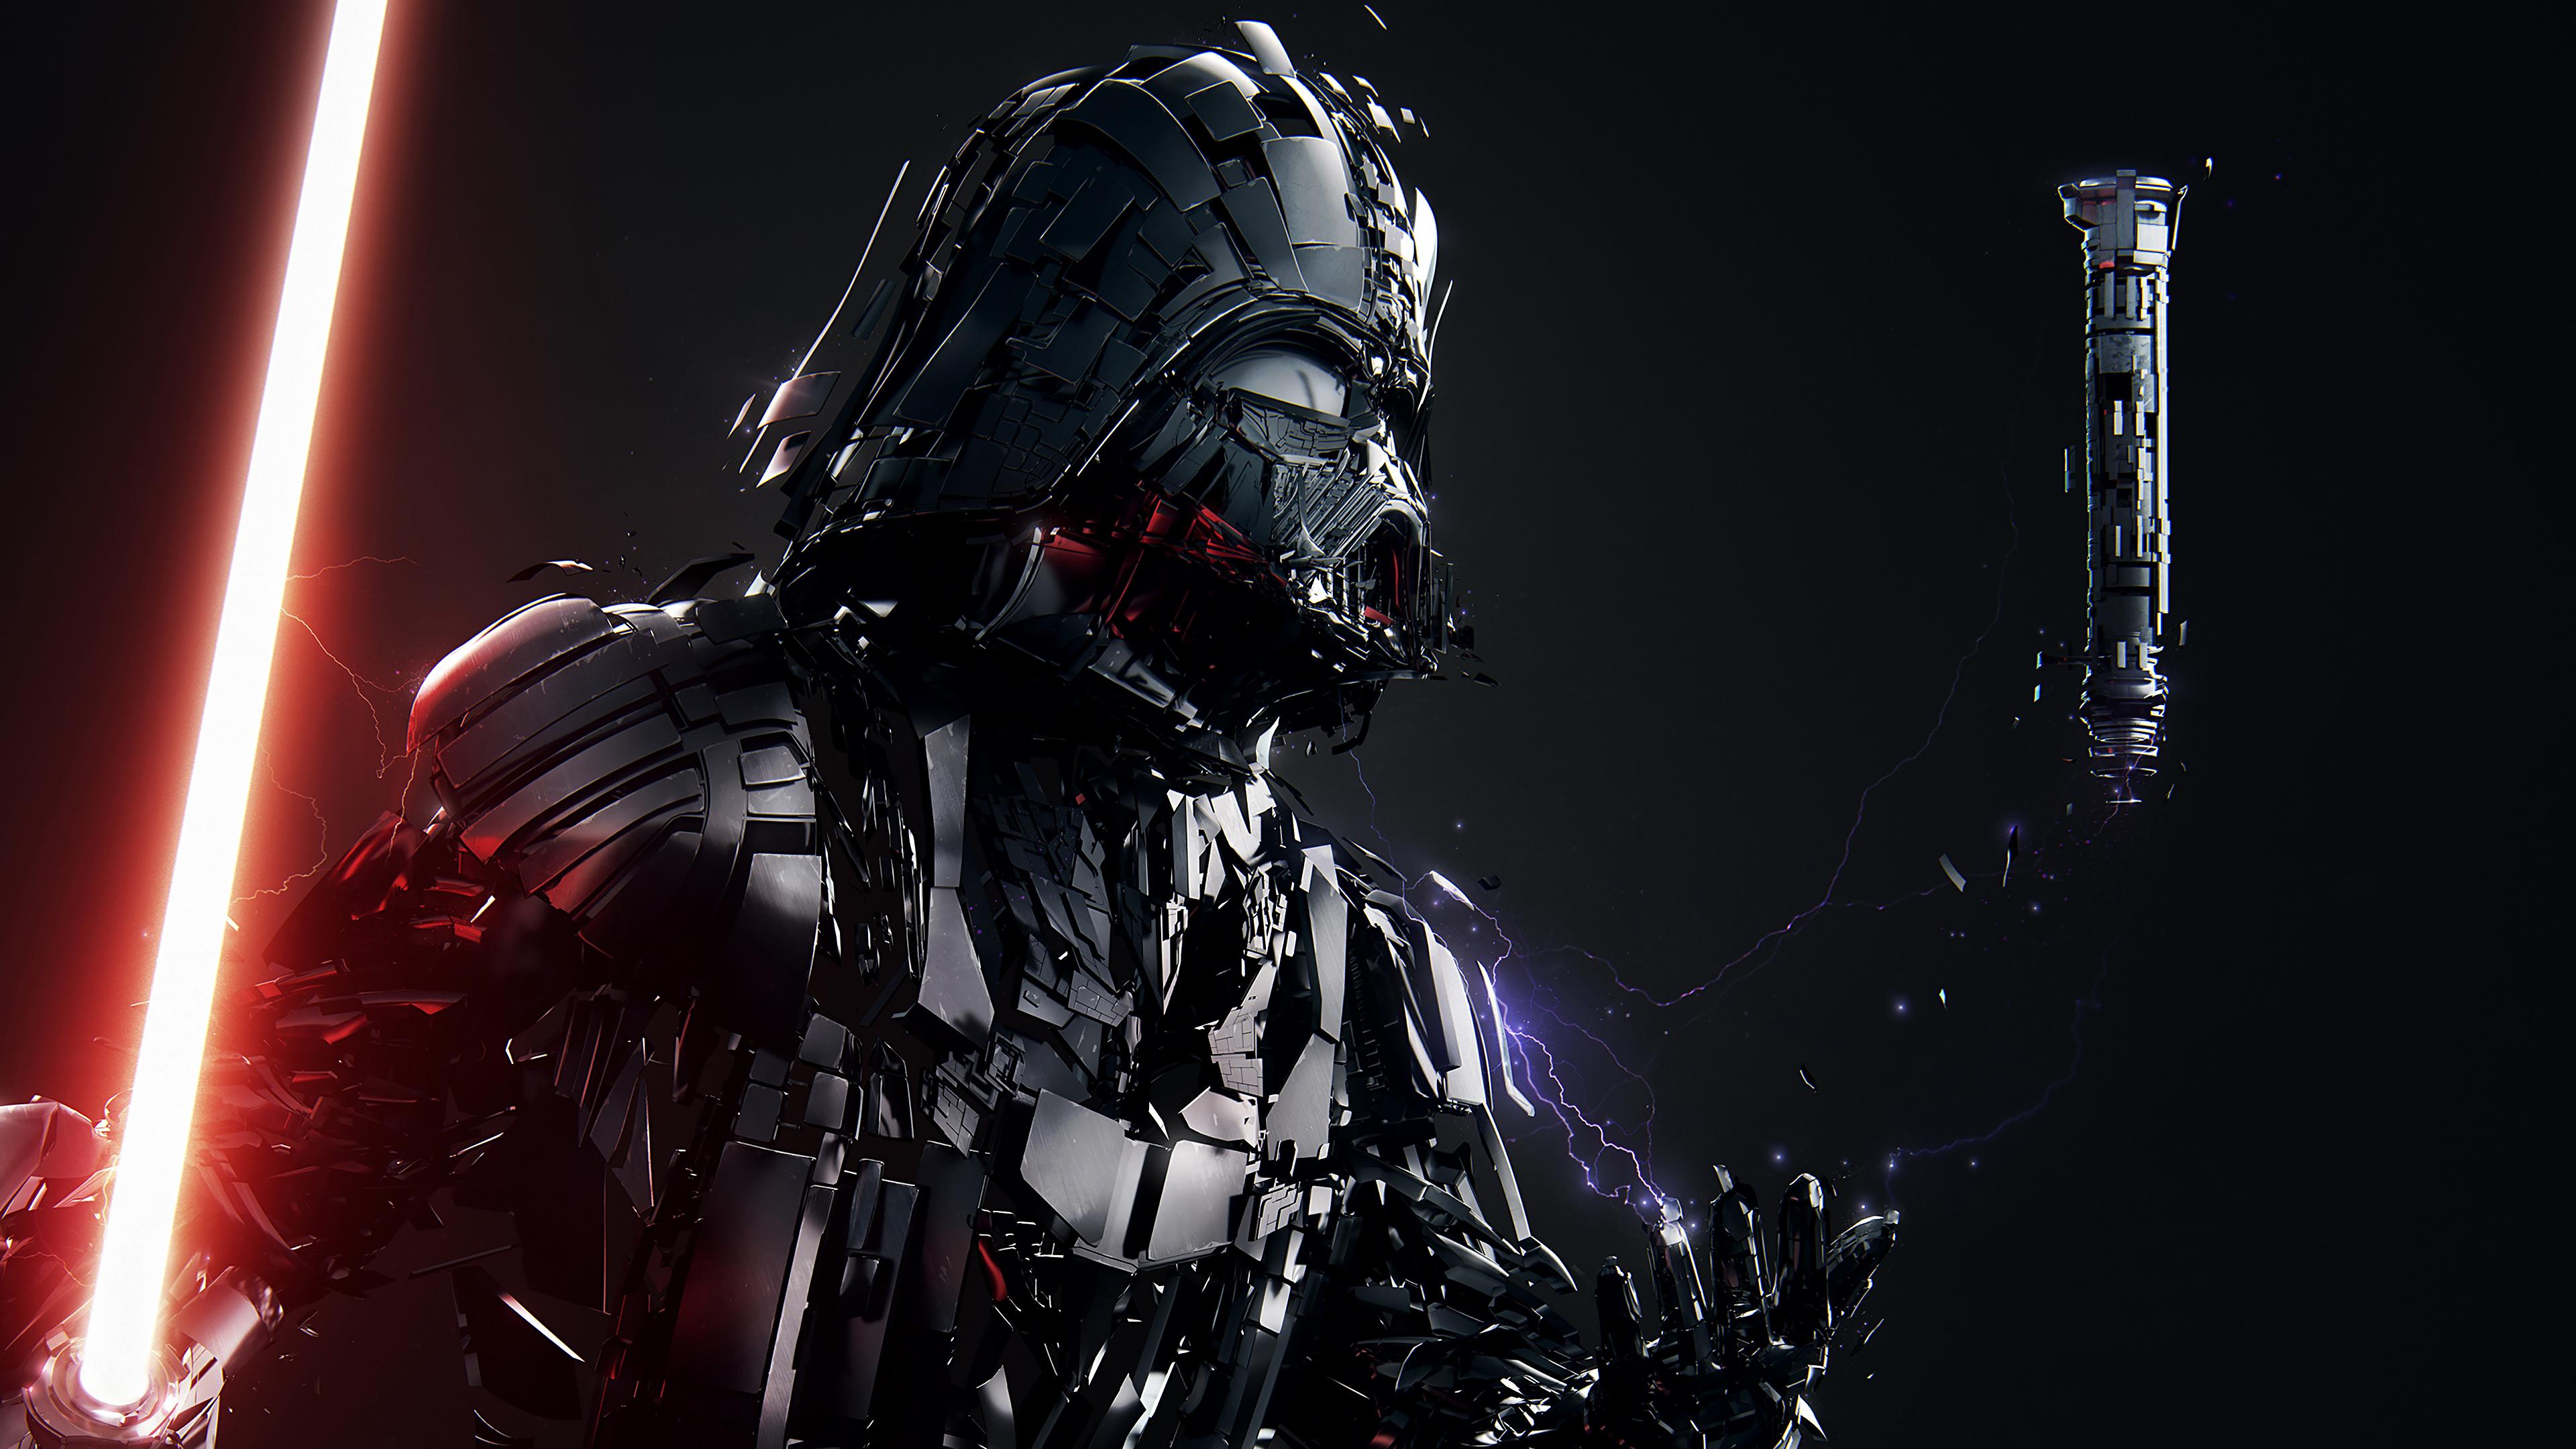 Darth Vader Lightsaber Star Wars Wallpaper 4k Ultra HD ID3649